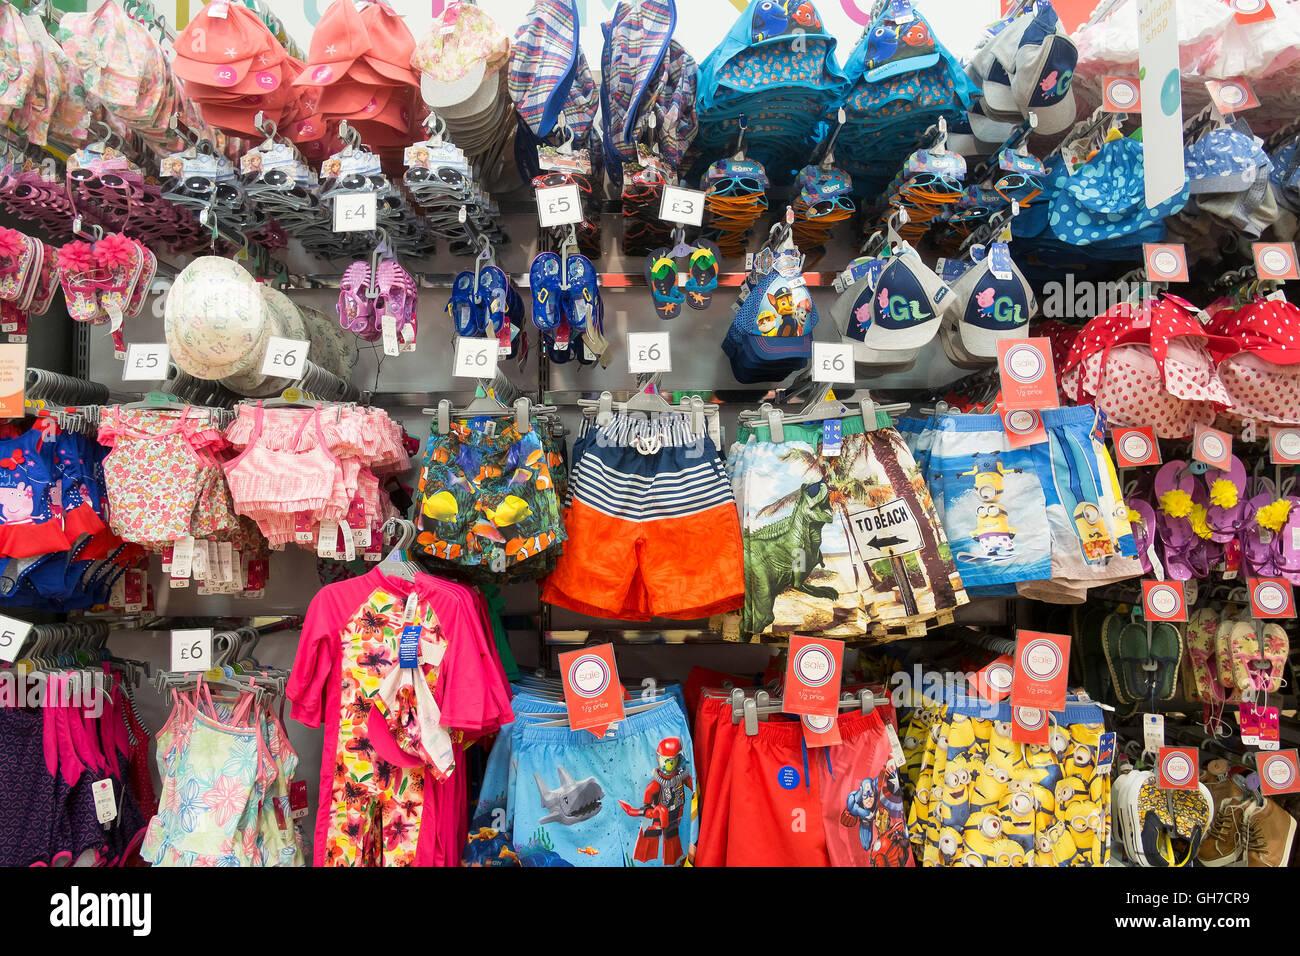 Una pantalla de coloridos trajes para niños en un supermercado Morrison. Imagen De Stock